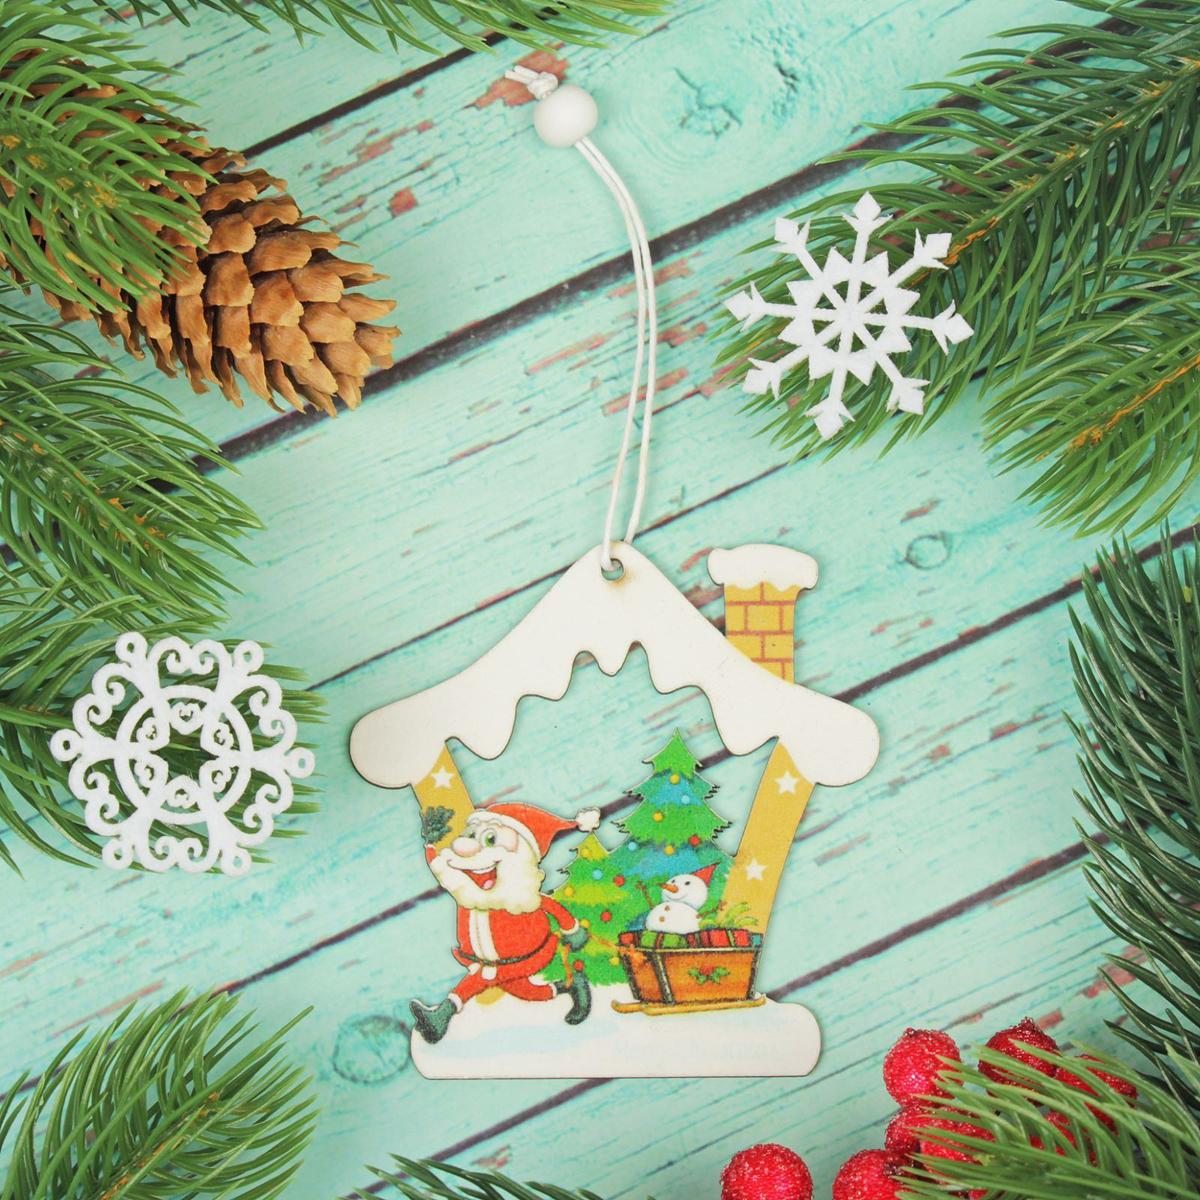 Украшение новогоднее подвесное Дед мороз в домике2303457Новогоднее украшение, выполненное из дерева, отлично подойдет для декорации вашего дома и новогодней ели. С помощью специальнойпетельки украшение можно повесить в любом понравившемся вам месте. Но, конечно, удачнее всего оно будет смотреться на праздничной елке. Елочная игрушка - символ Нового года. Она несет в себе волшебство и красоту праздника. Такое украшение создаст в вашем домеатмосферу праздника, веселья и радости.